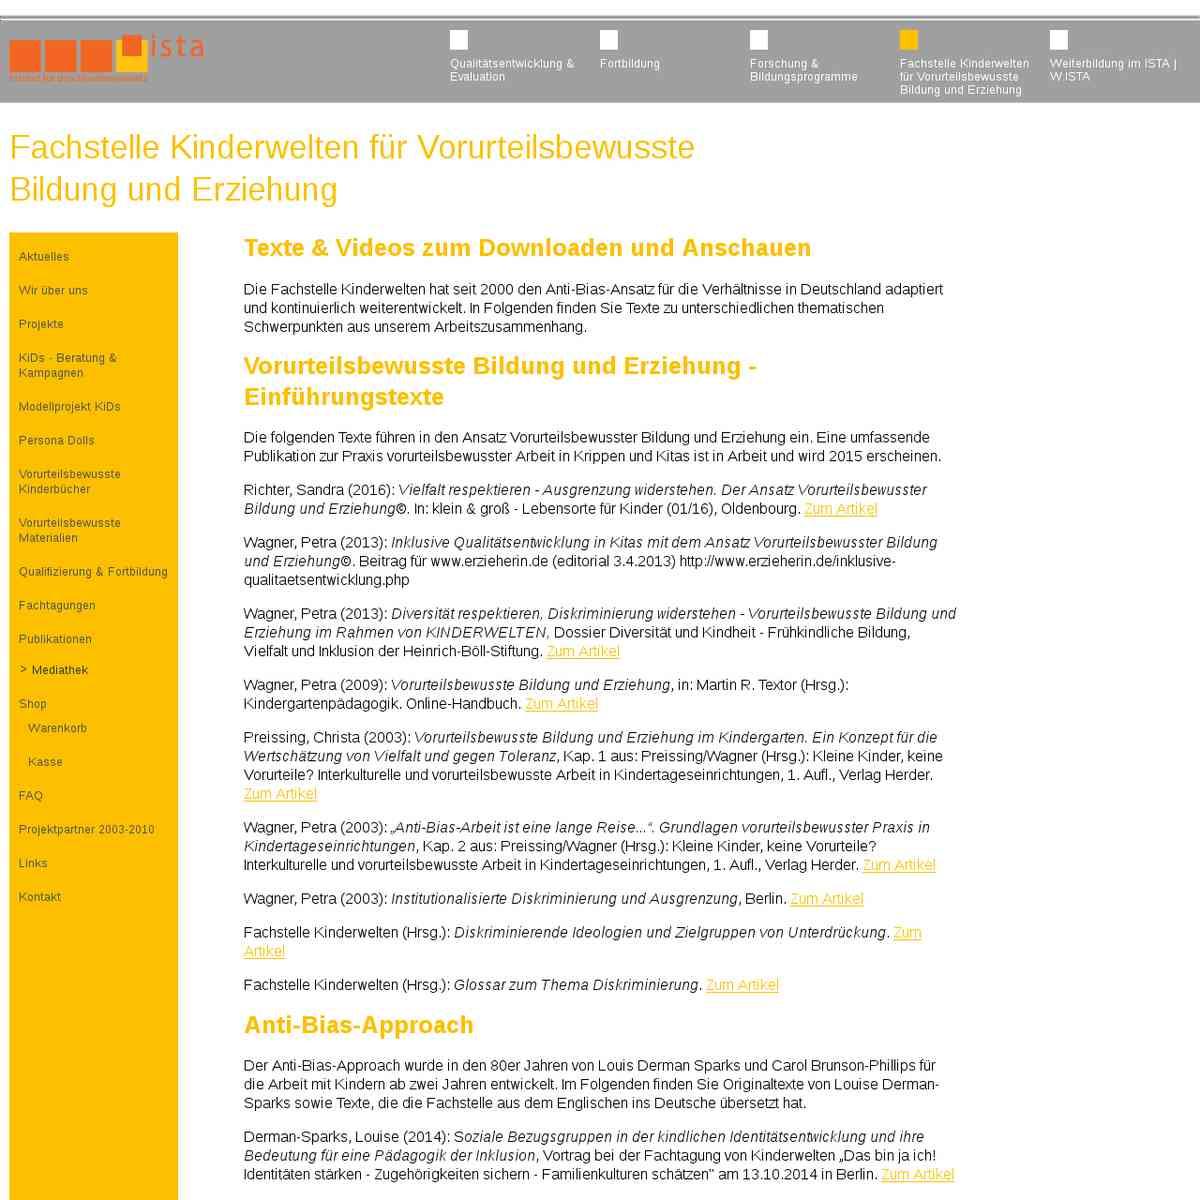 Fachstelle Kinderwelten für Vorurteilsbewusste Bildung und Erziehung